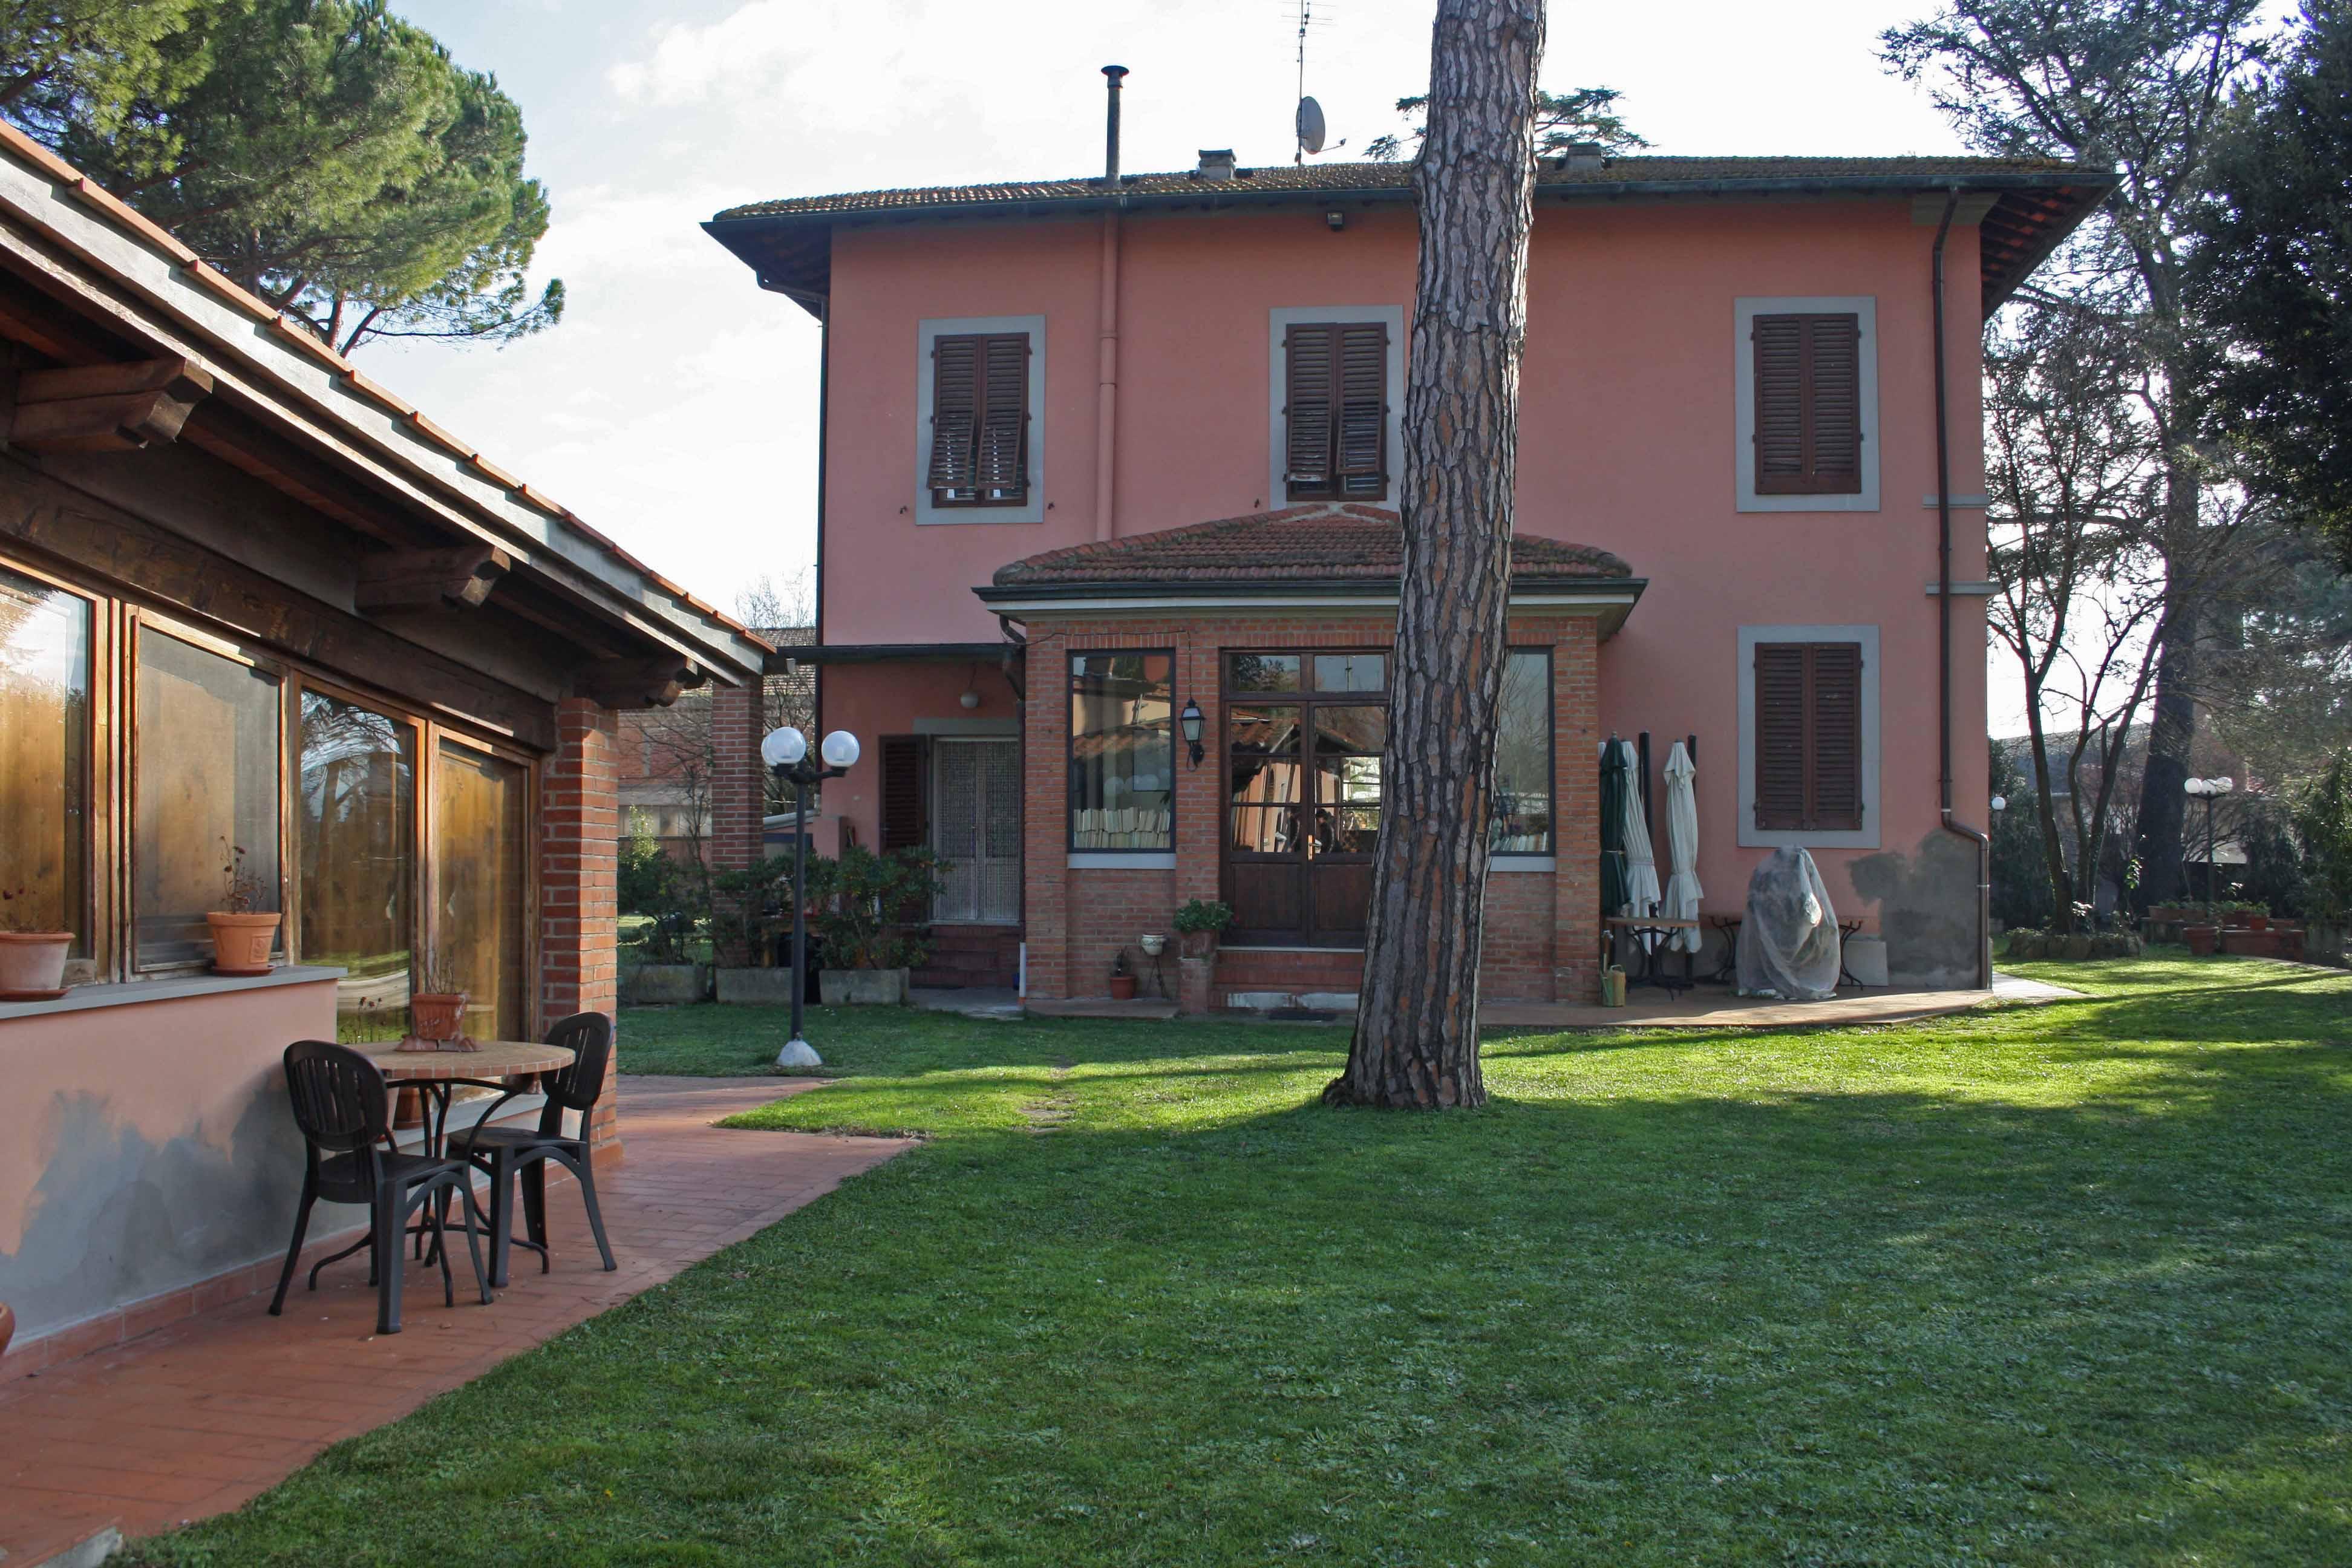 Klase ertaineko etxebizitza atsegina Florentzia inguruan, ongizatearen hainbat osagai berekin dauzkana: zabala, inguru ederrean, lorategi eta guzti.